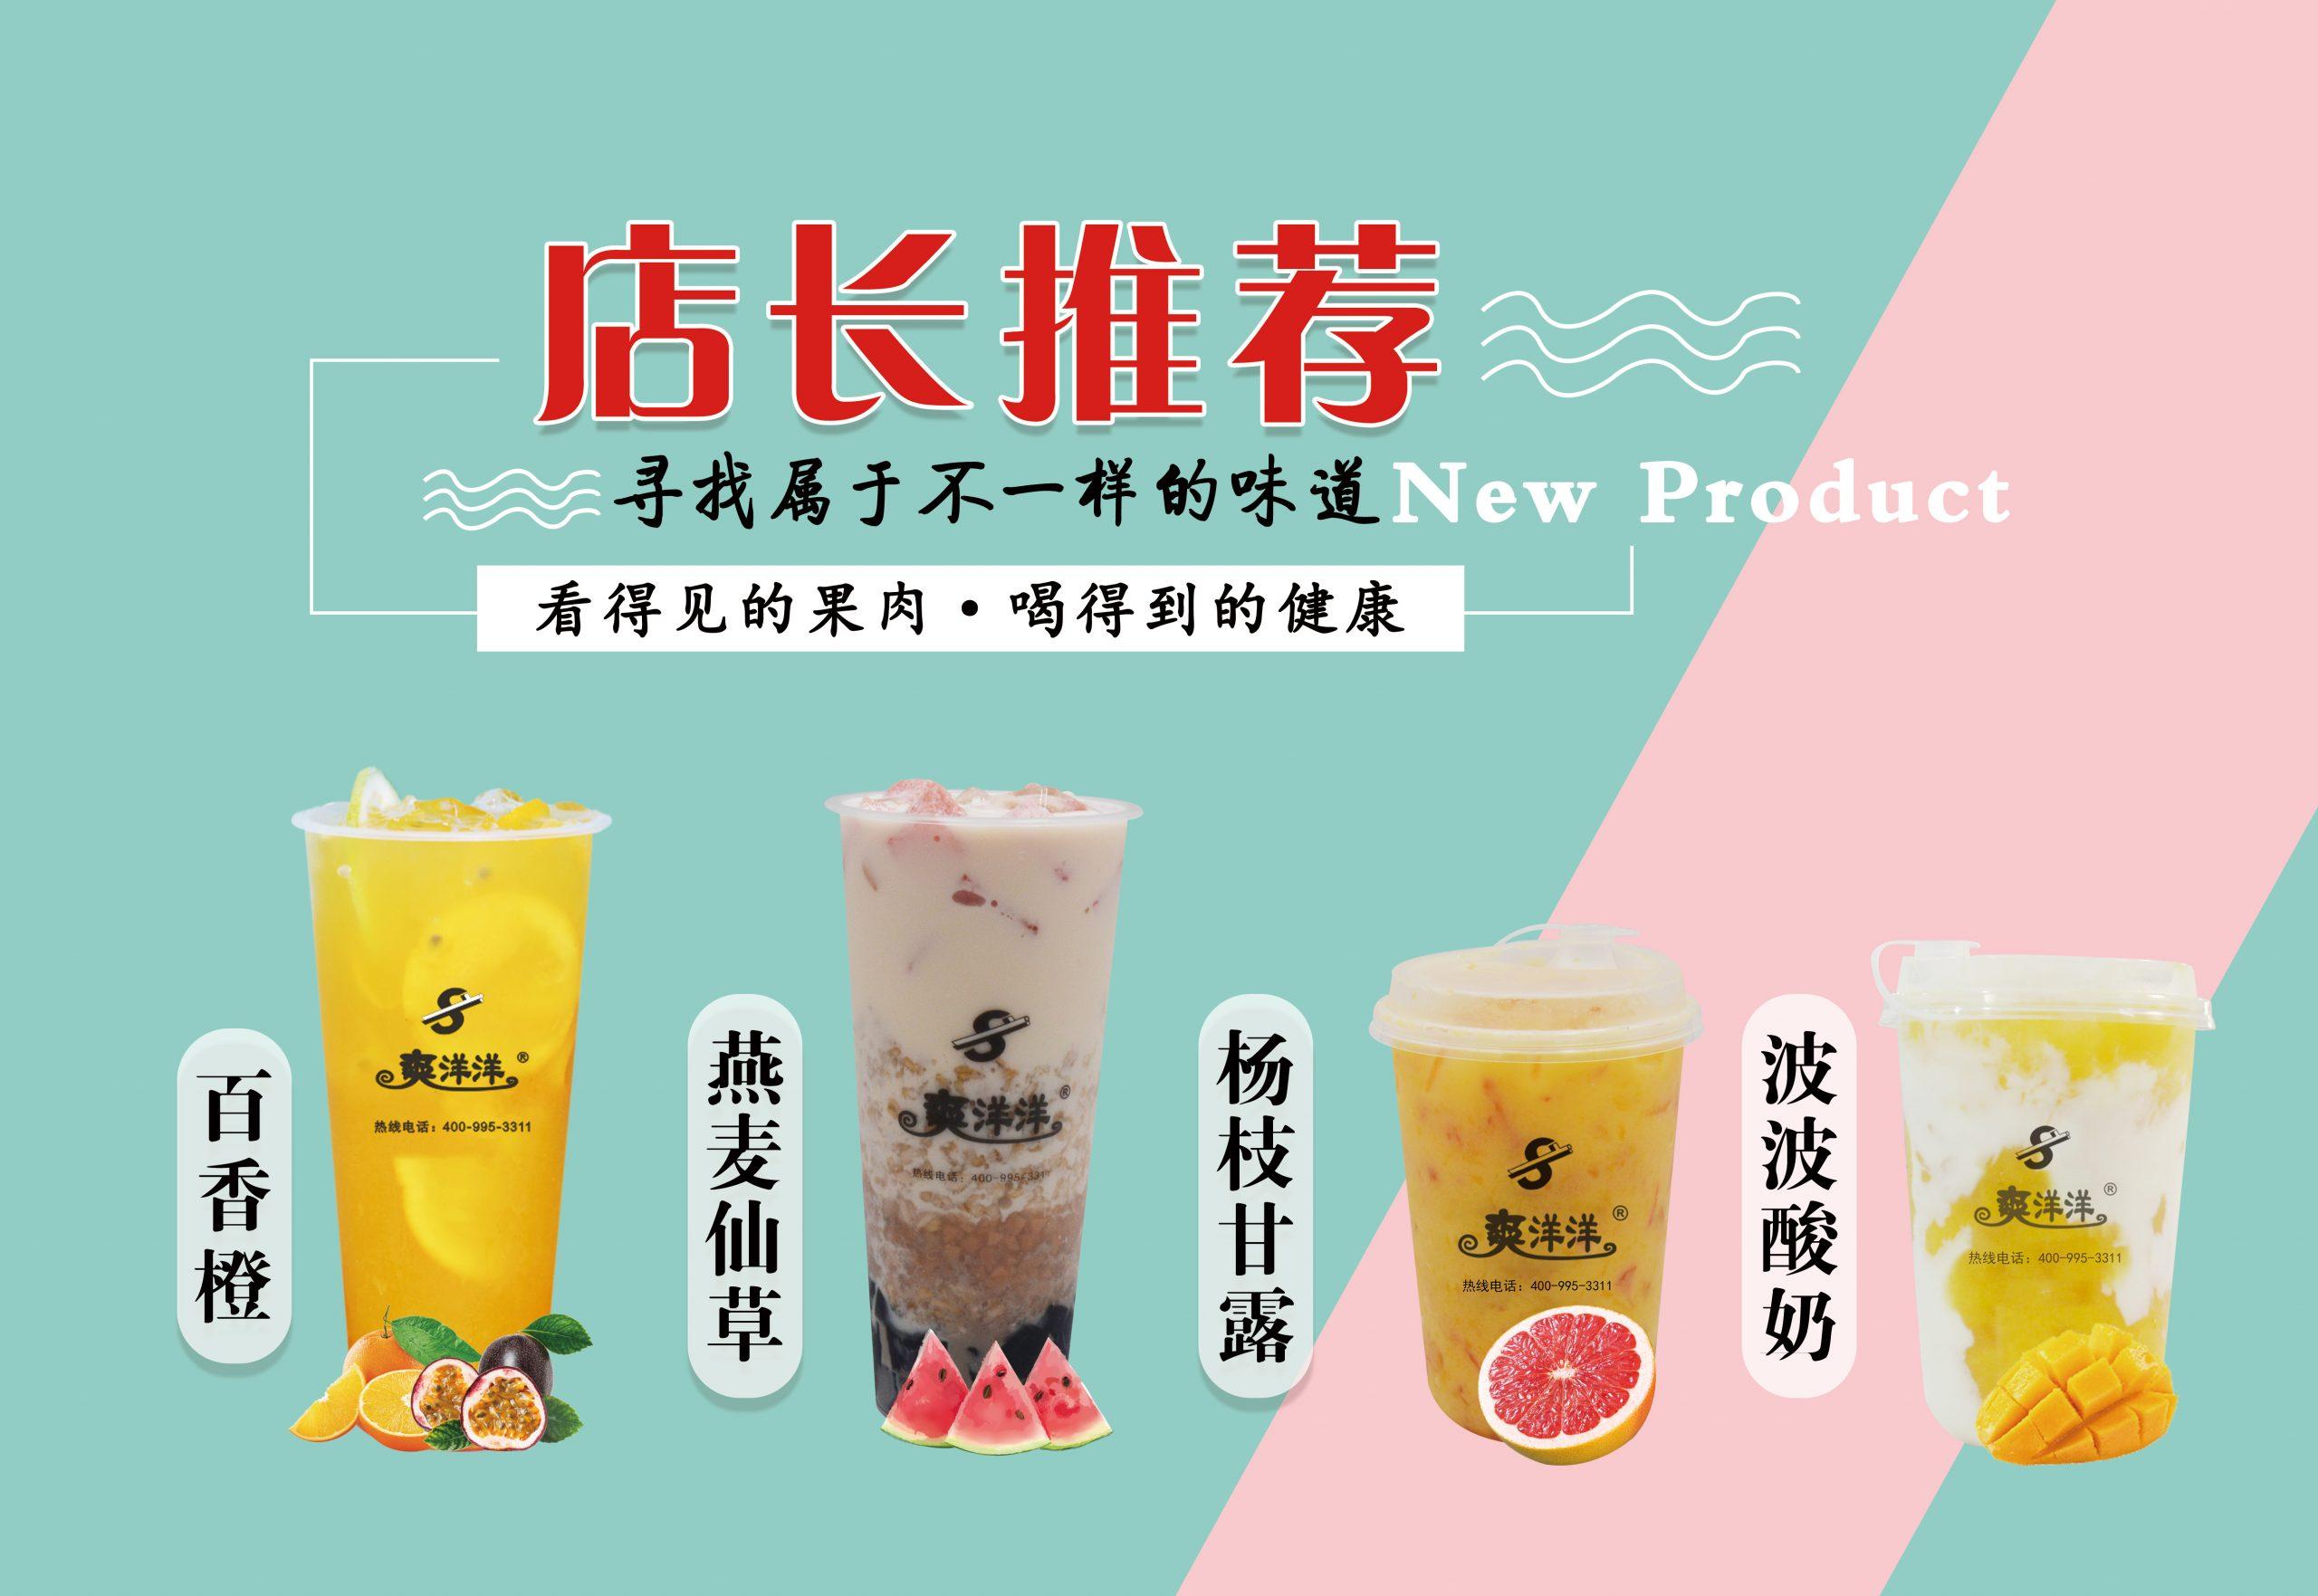 新手开奶茶加盟店为什么建议选择小本创业项目?